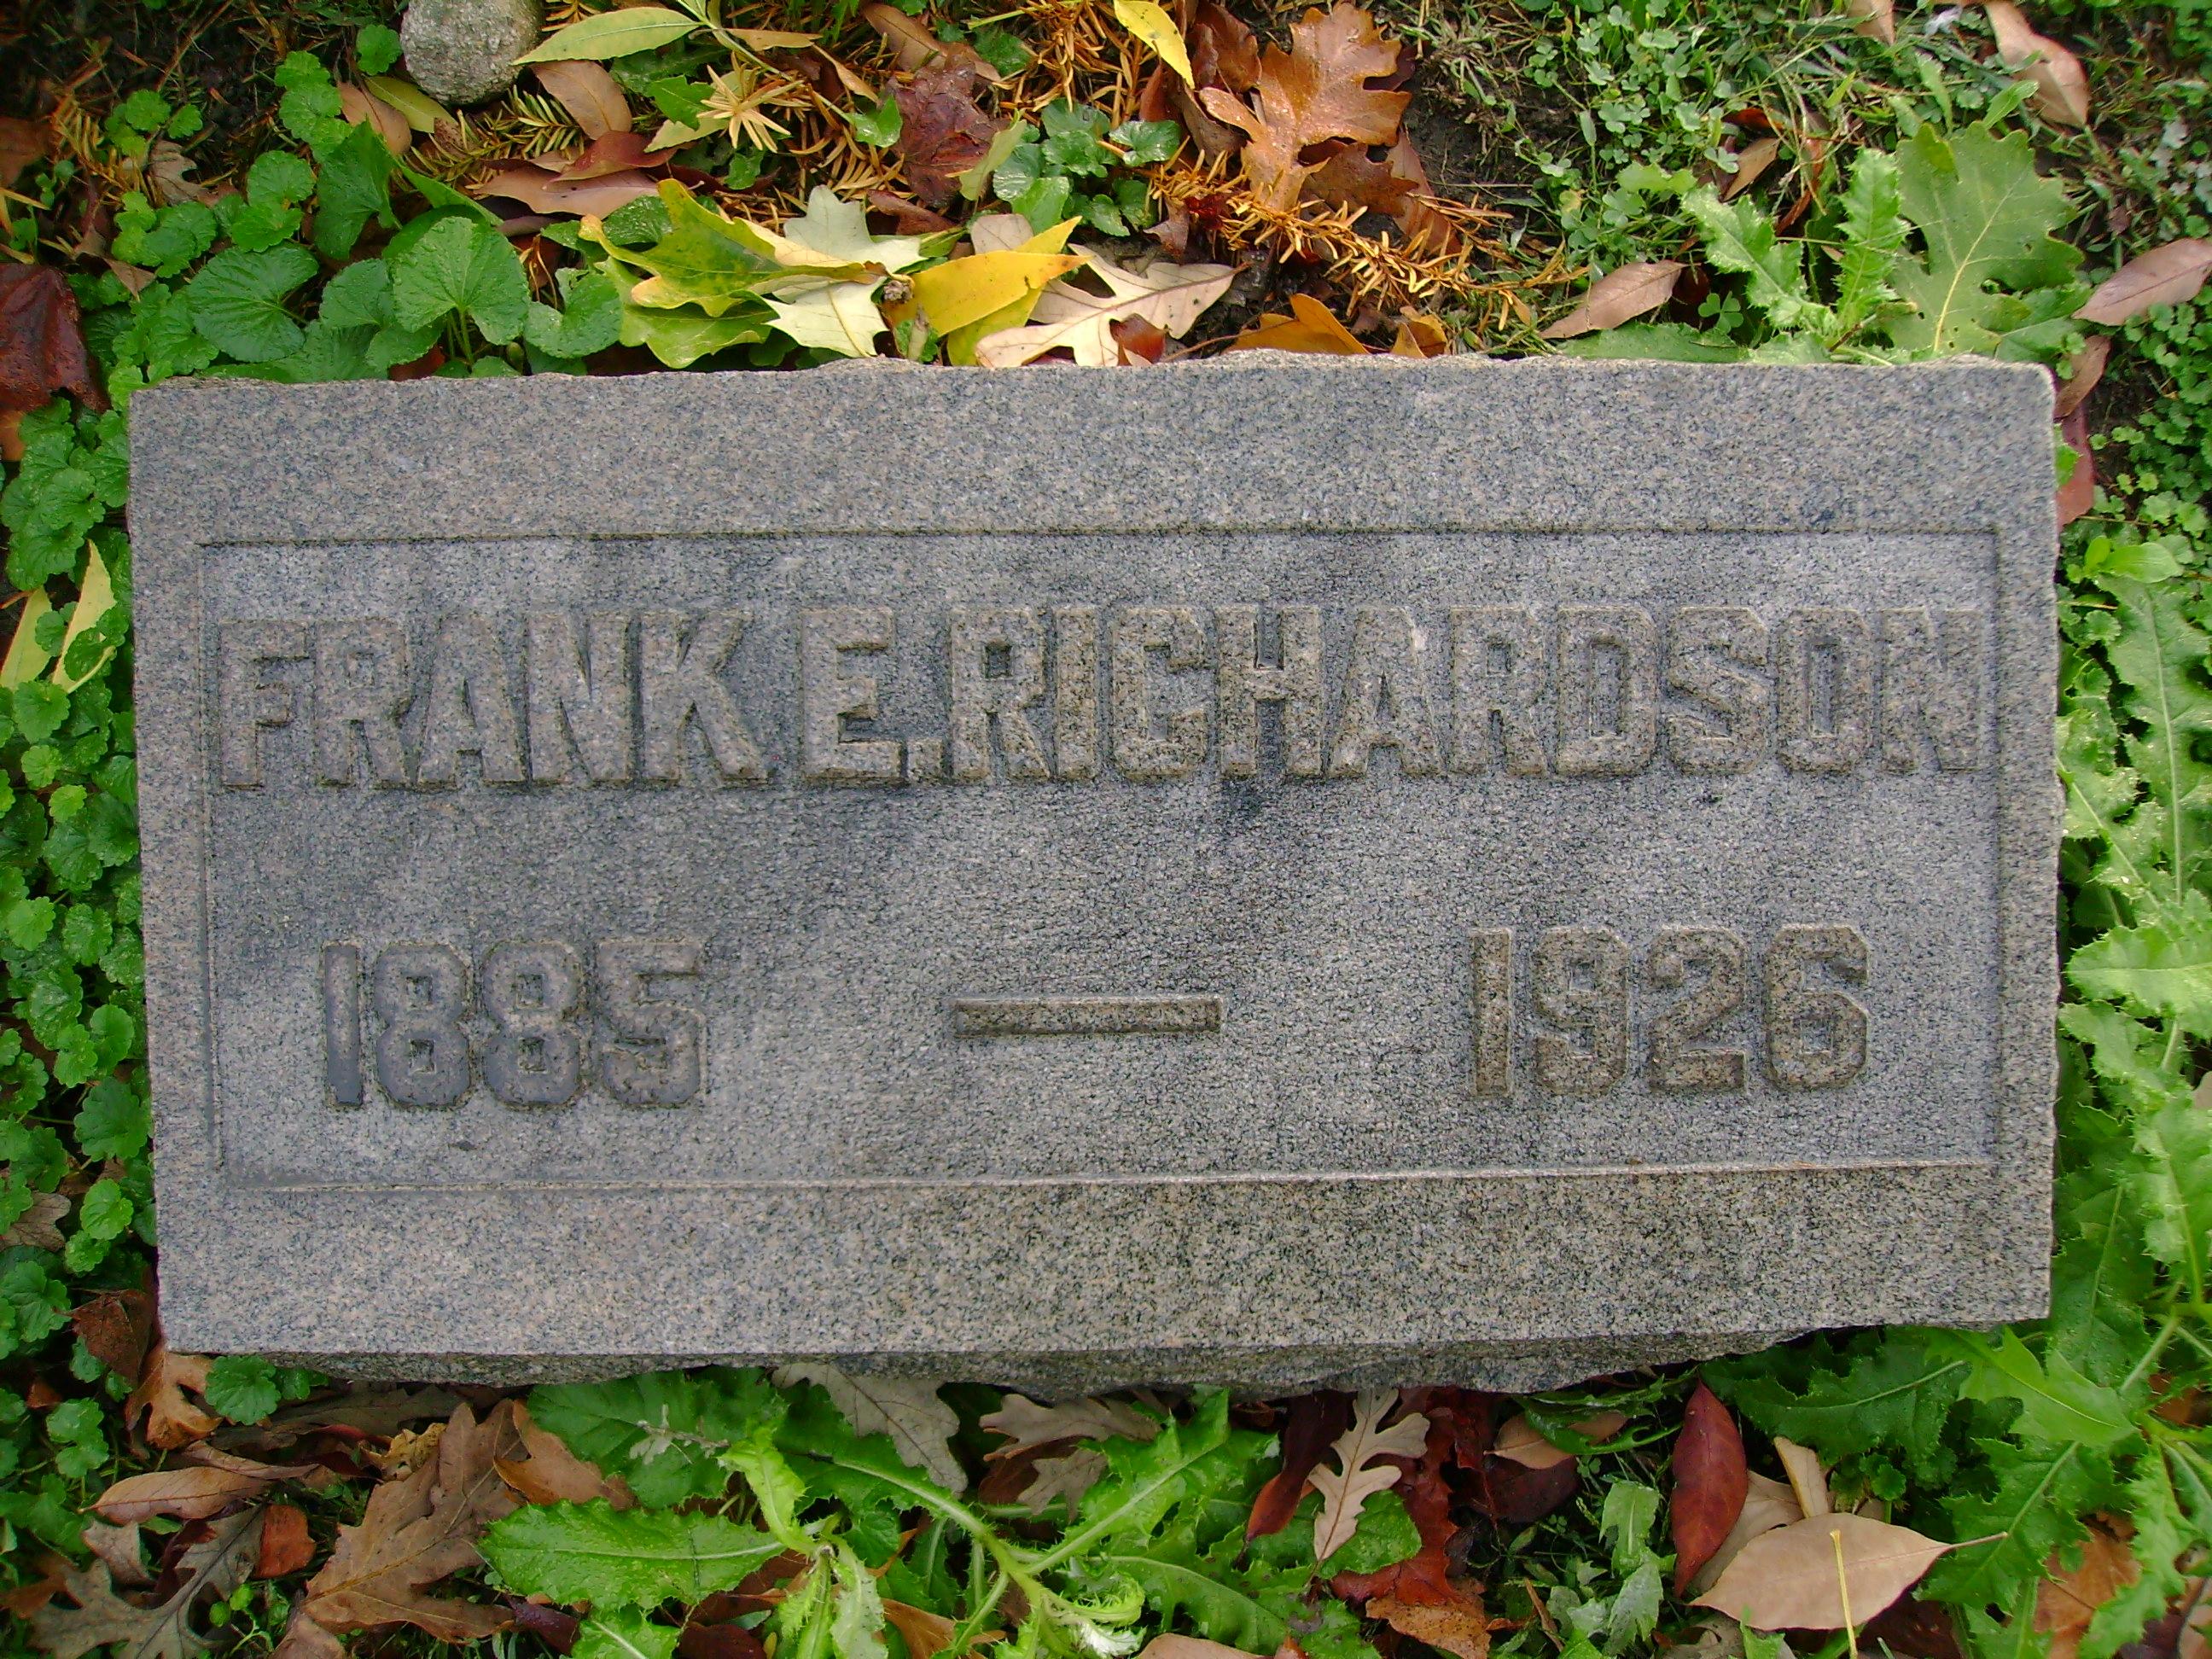 Francis Edward Frank Richardson